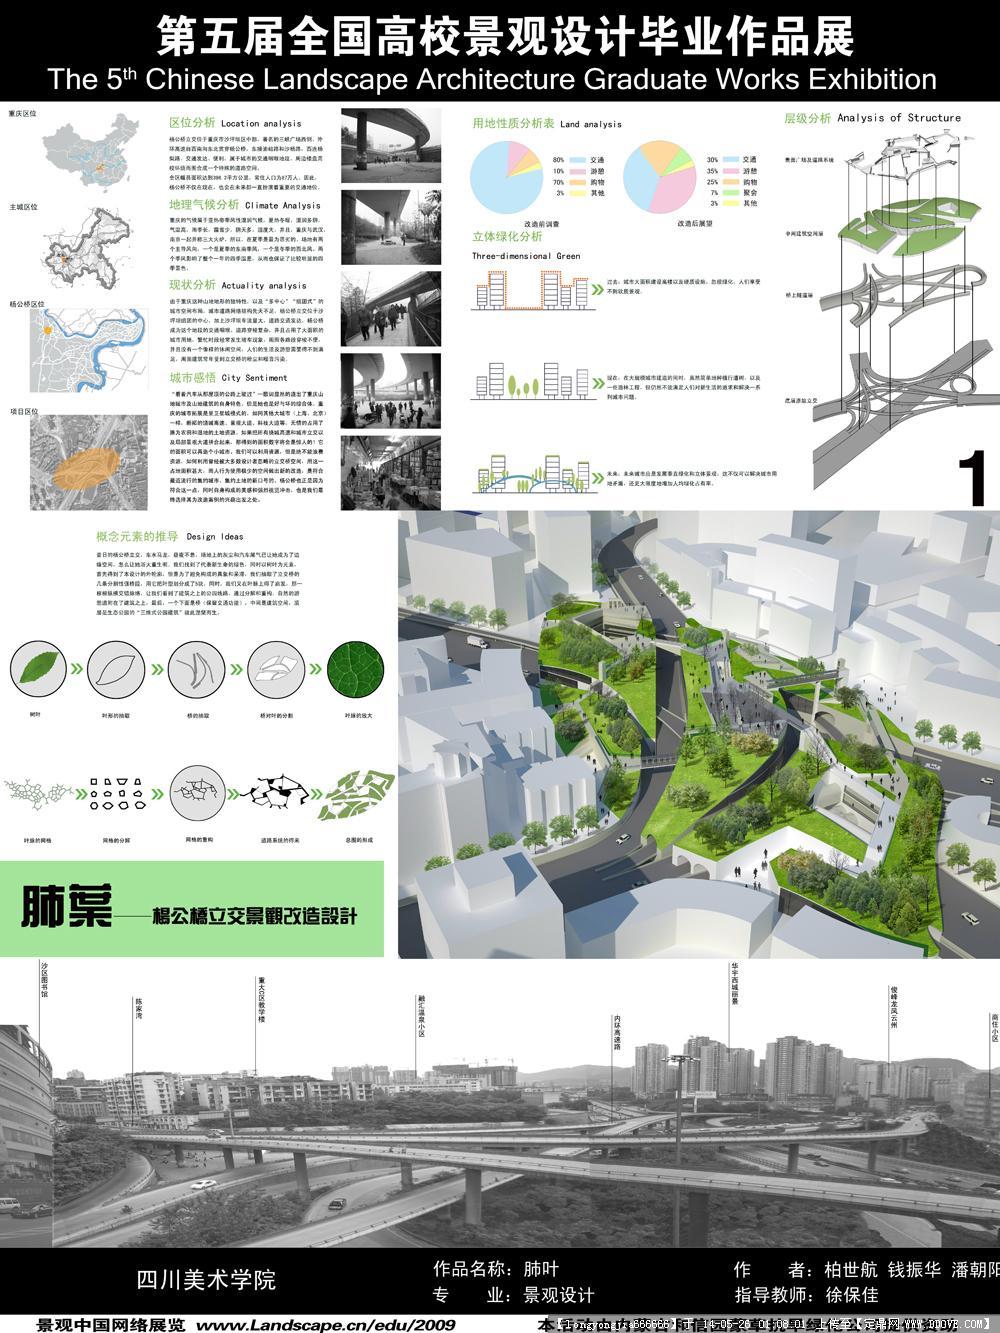 毕业设计 展板 03的图片浏览,景观